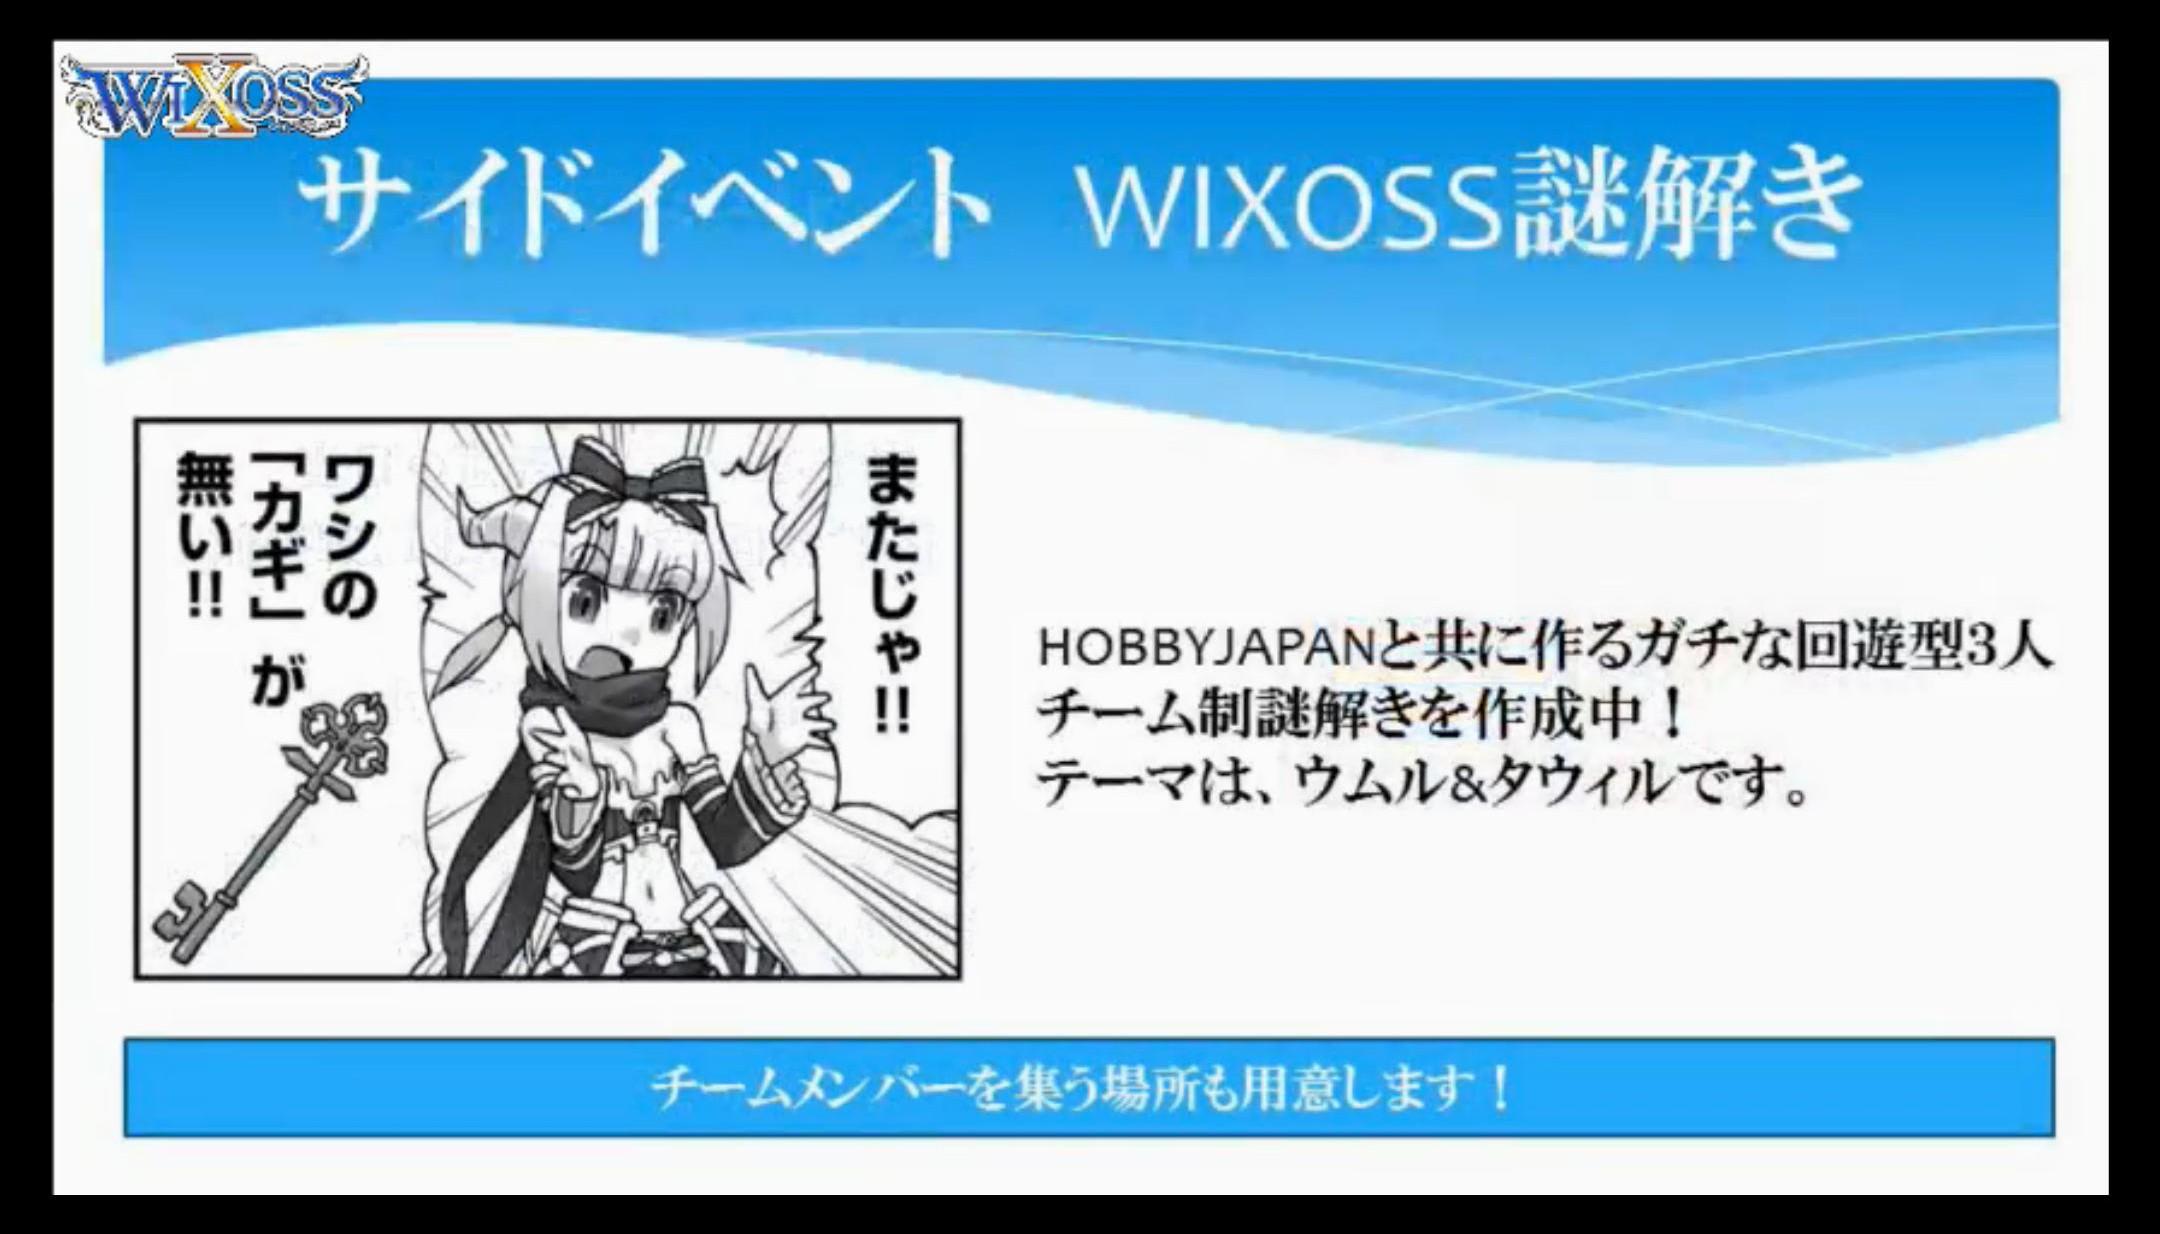 wx-live-170629-009.jpg